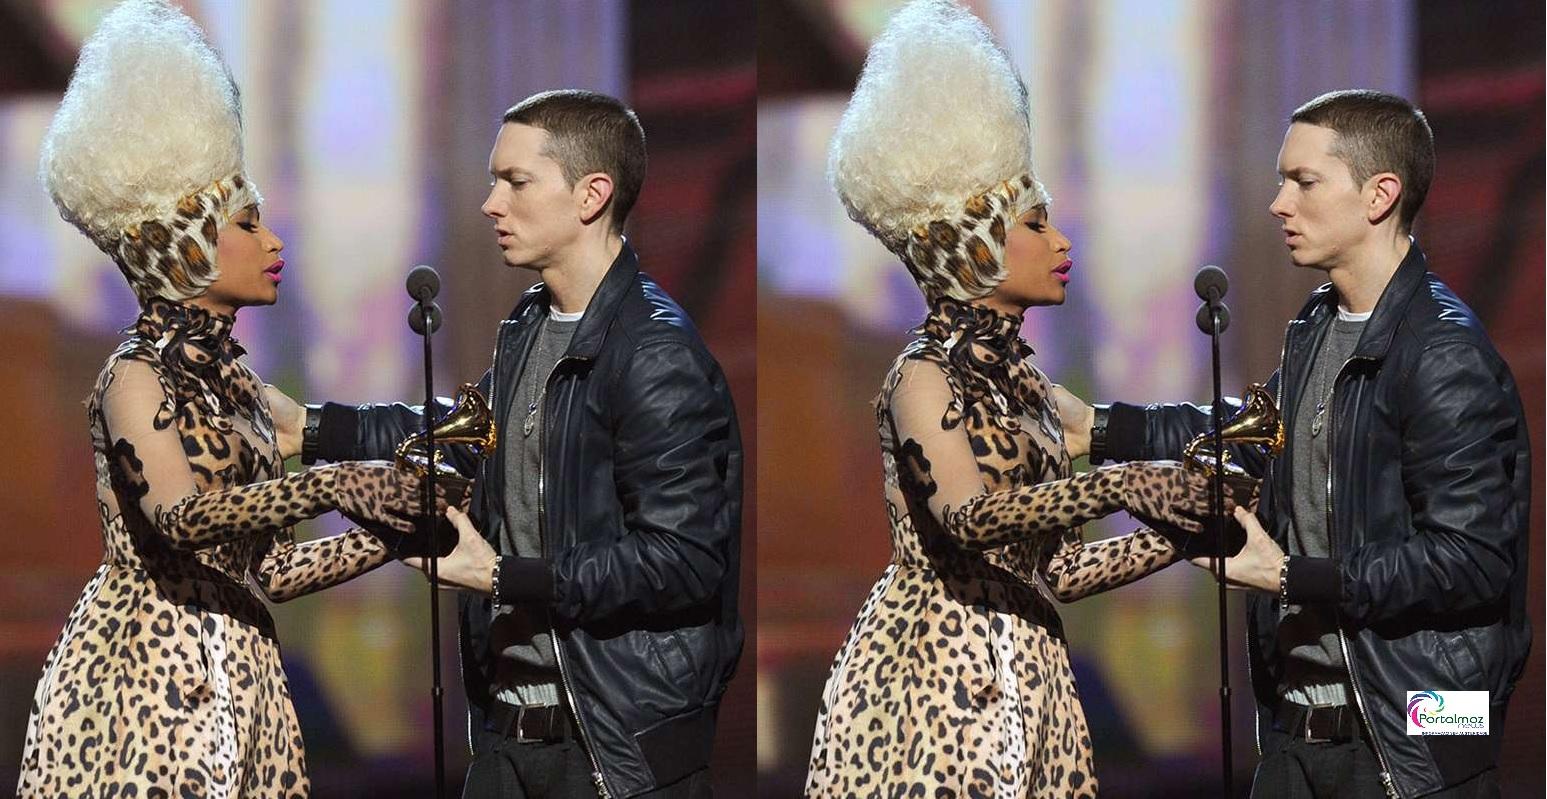 Nicki Minaj é conhecida por brincar com possíveis relações nas redes sociais. Há alguns anos anunciou que se casaria com Loius, primo do príncipe Harry